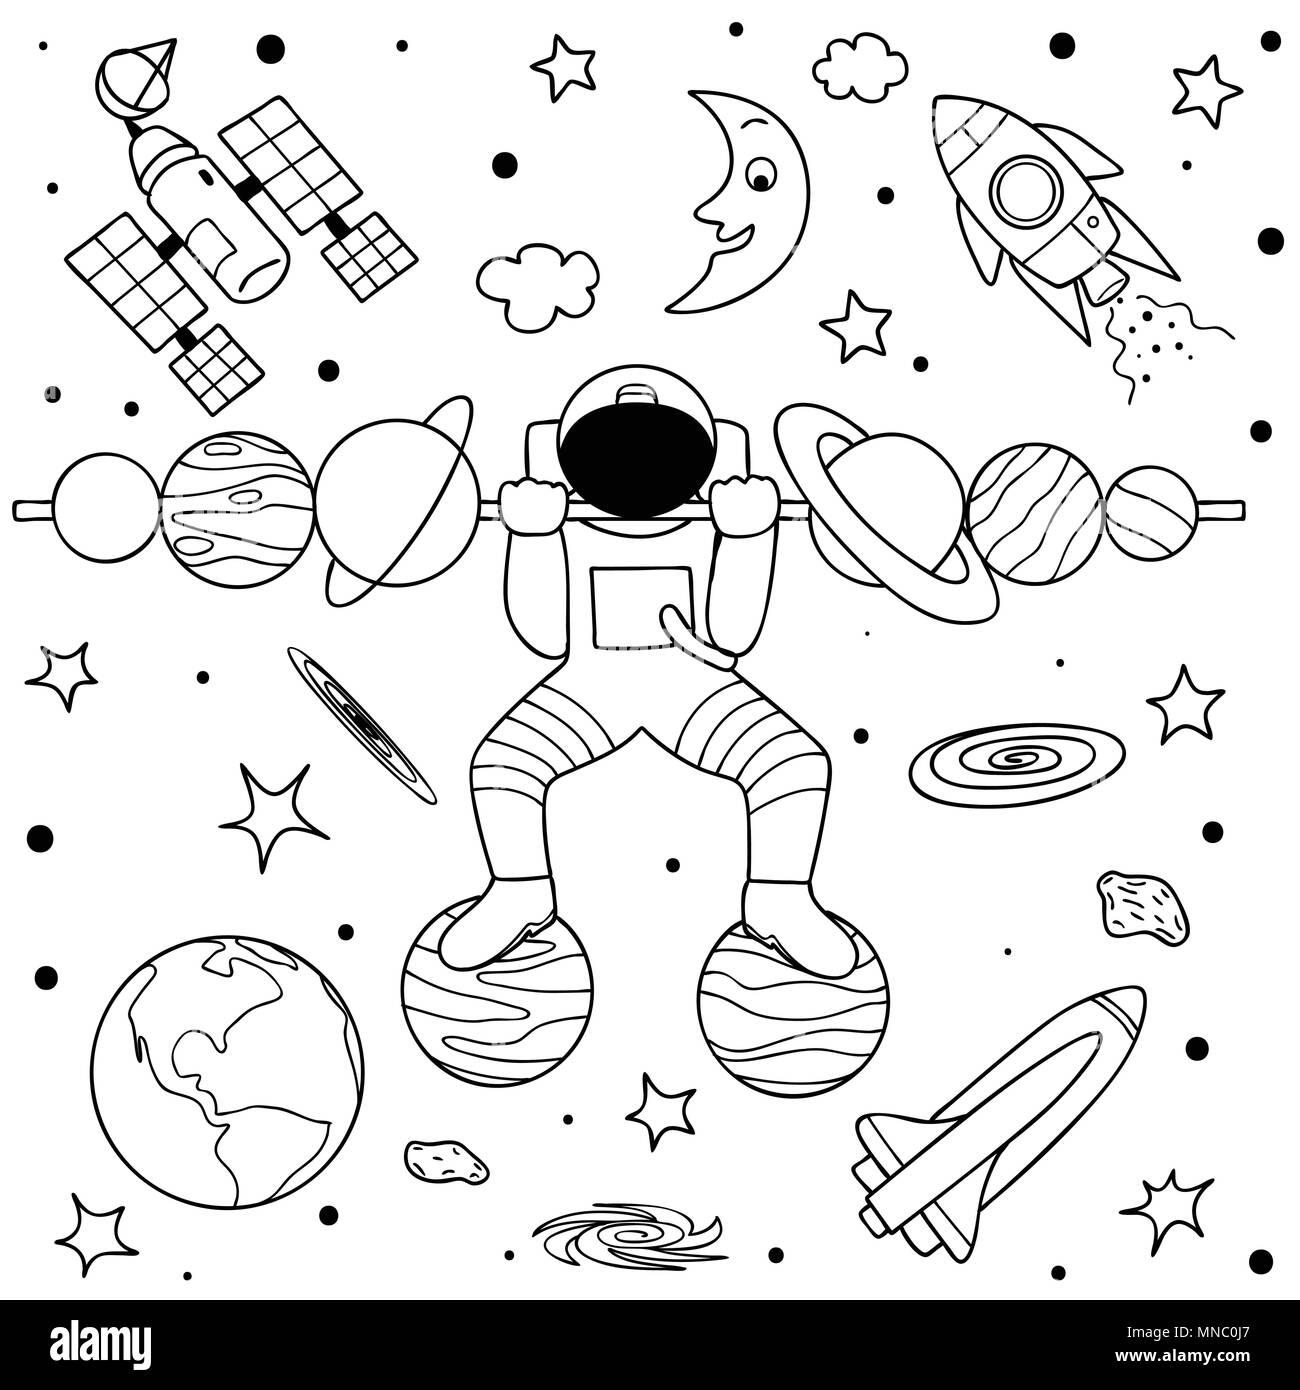 Coloriage Espace Planete.De Droles De Planetes Faisant Le Levage De Poids Dans L Espace